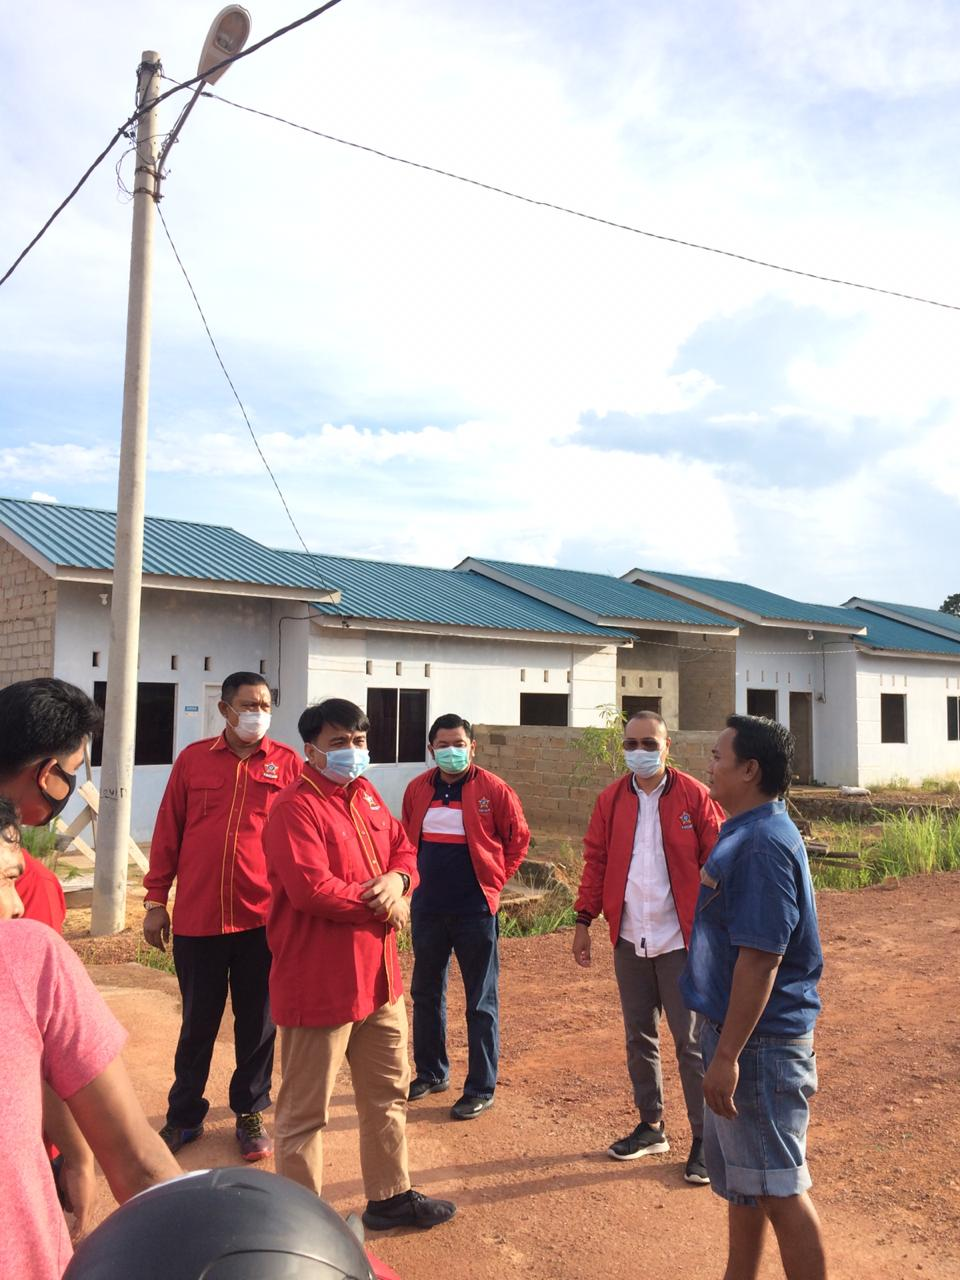 Ade Angga Pimpin SOKSI Kepri Bagikan Ratusan Paket Sembako ke Masyarakat Tanjungpinang